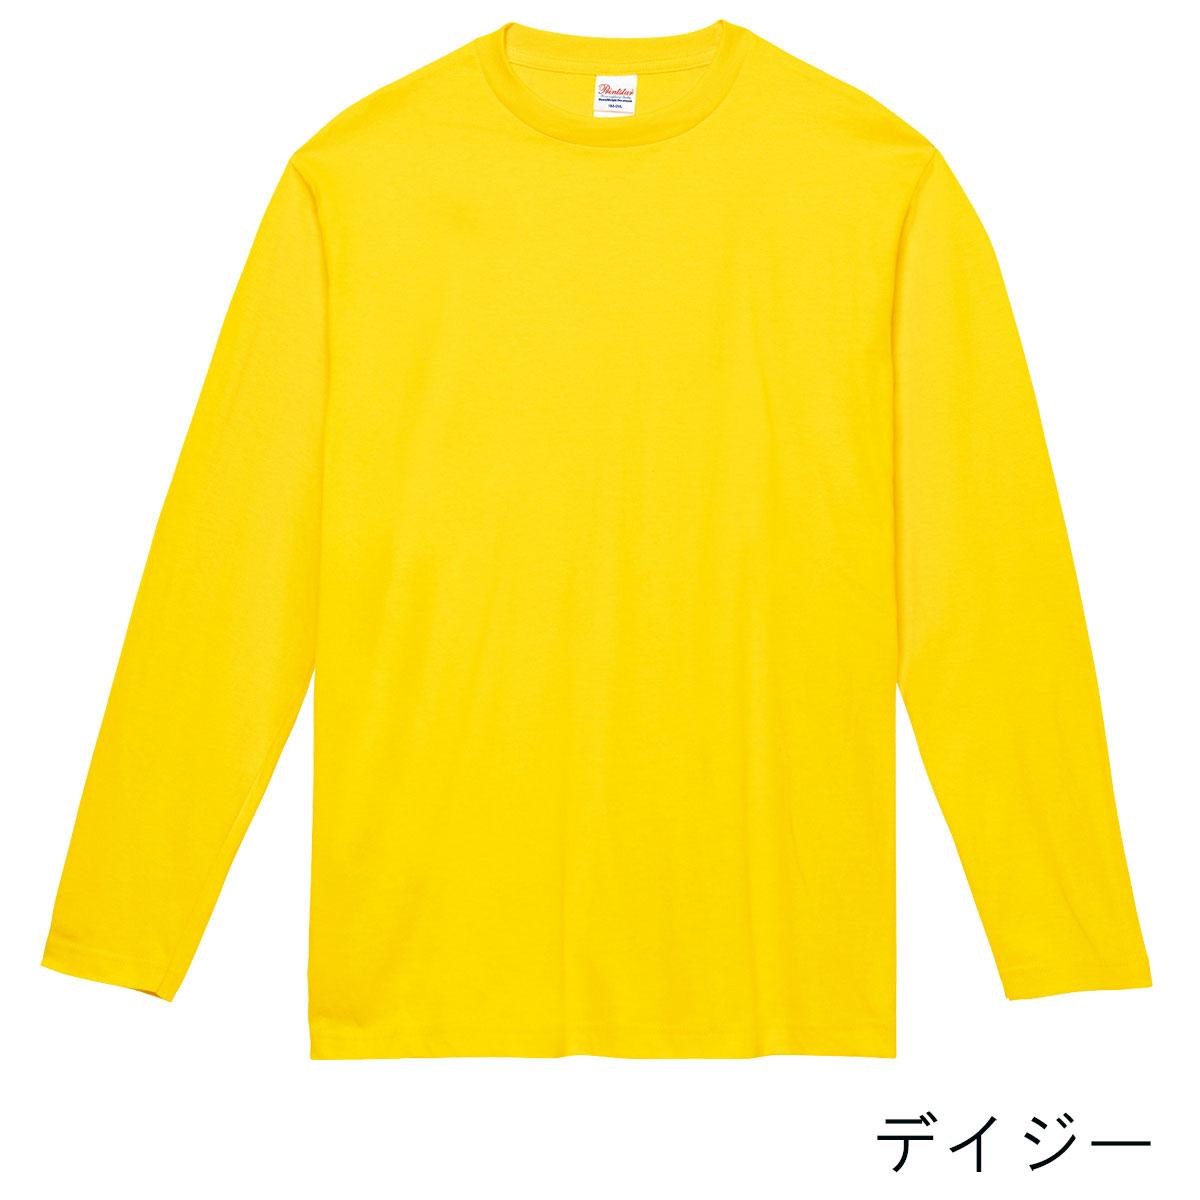 ヘビーウェイト長袖Tシャツ